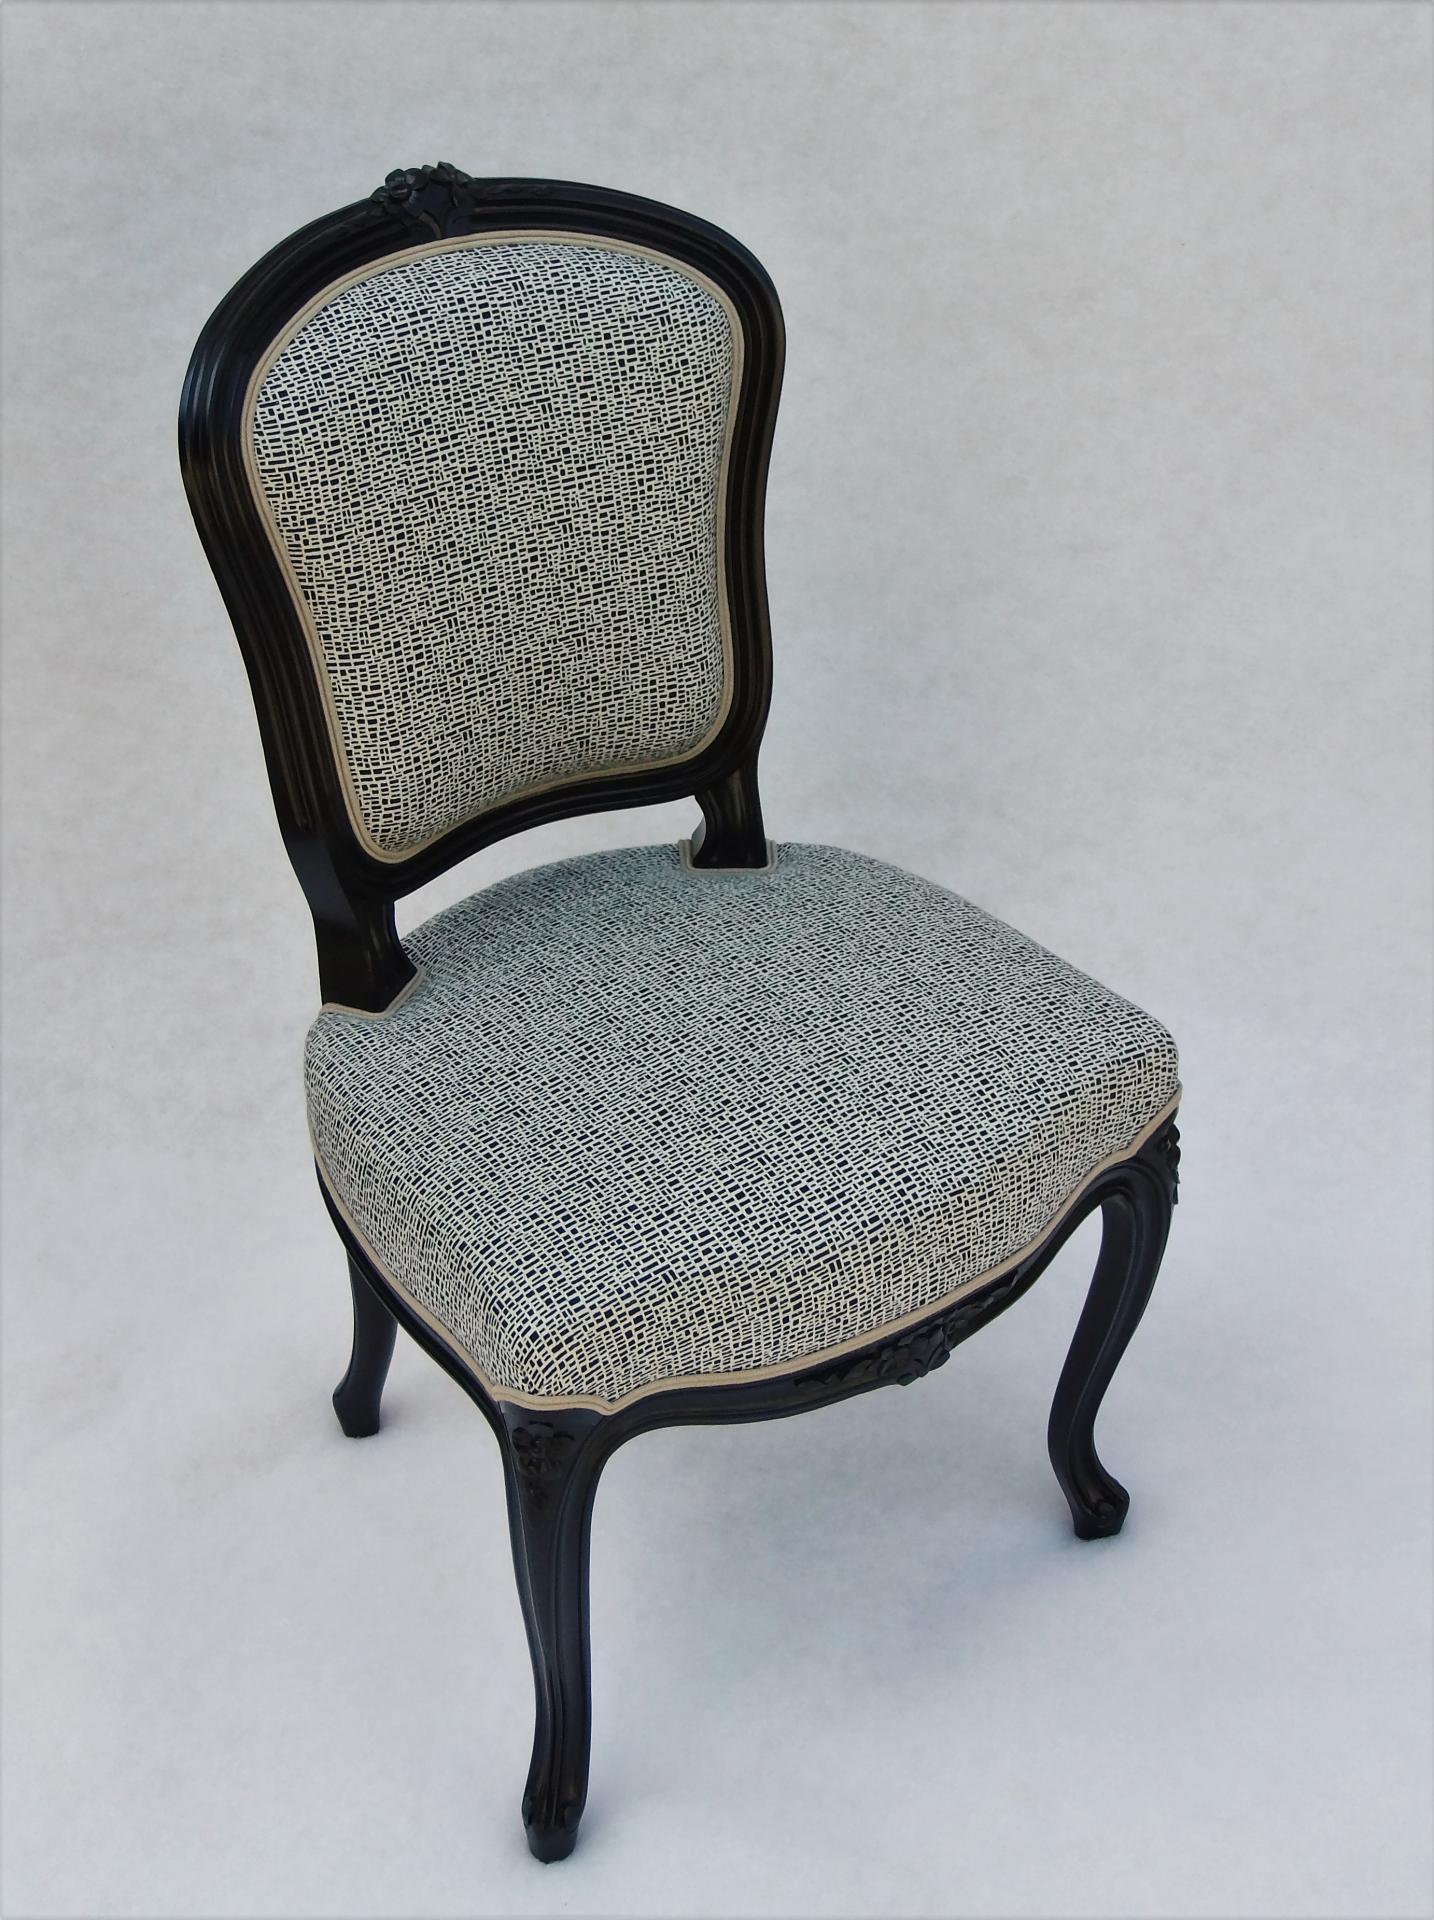 Chaise louis xv 1